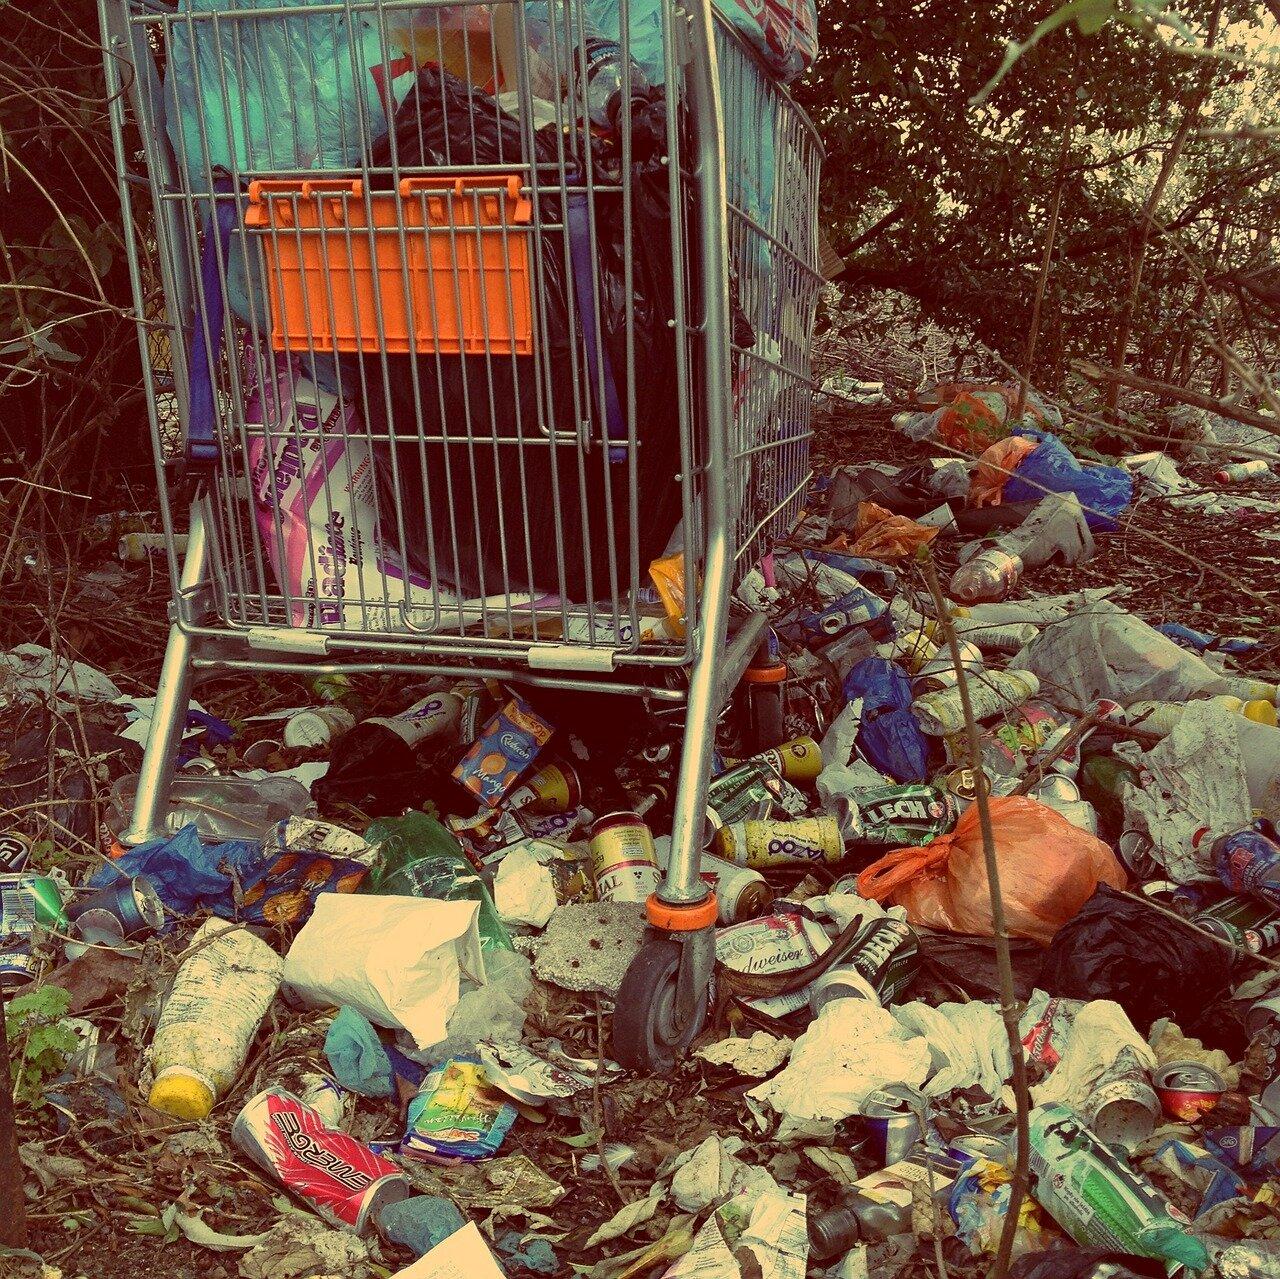 Segreguj śmieci! Rozdrabnianie odpadów – mielenie odpadów